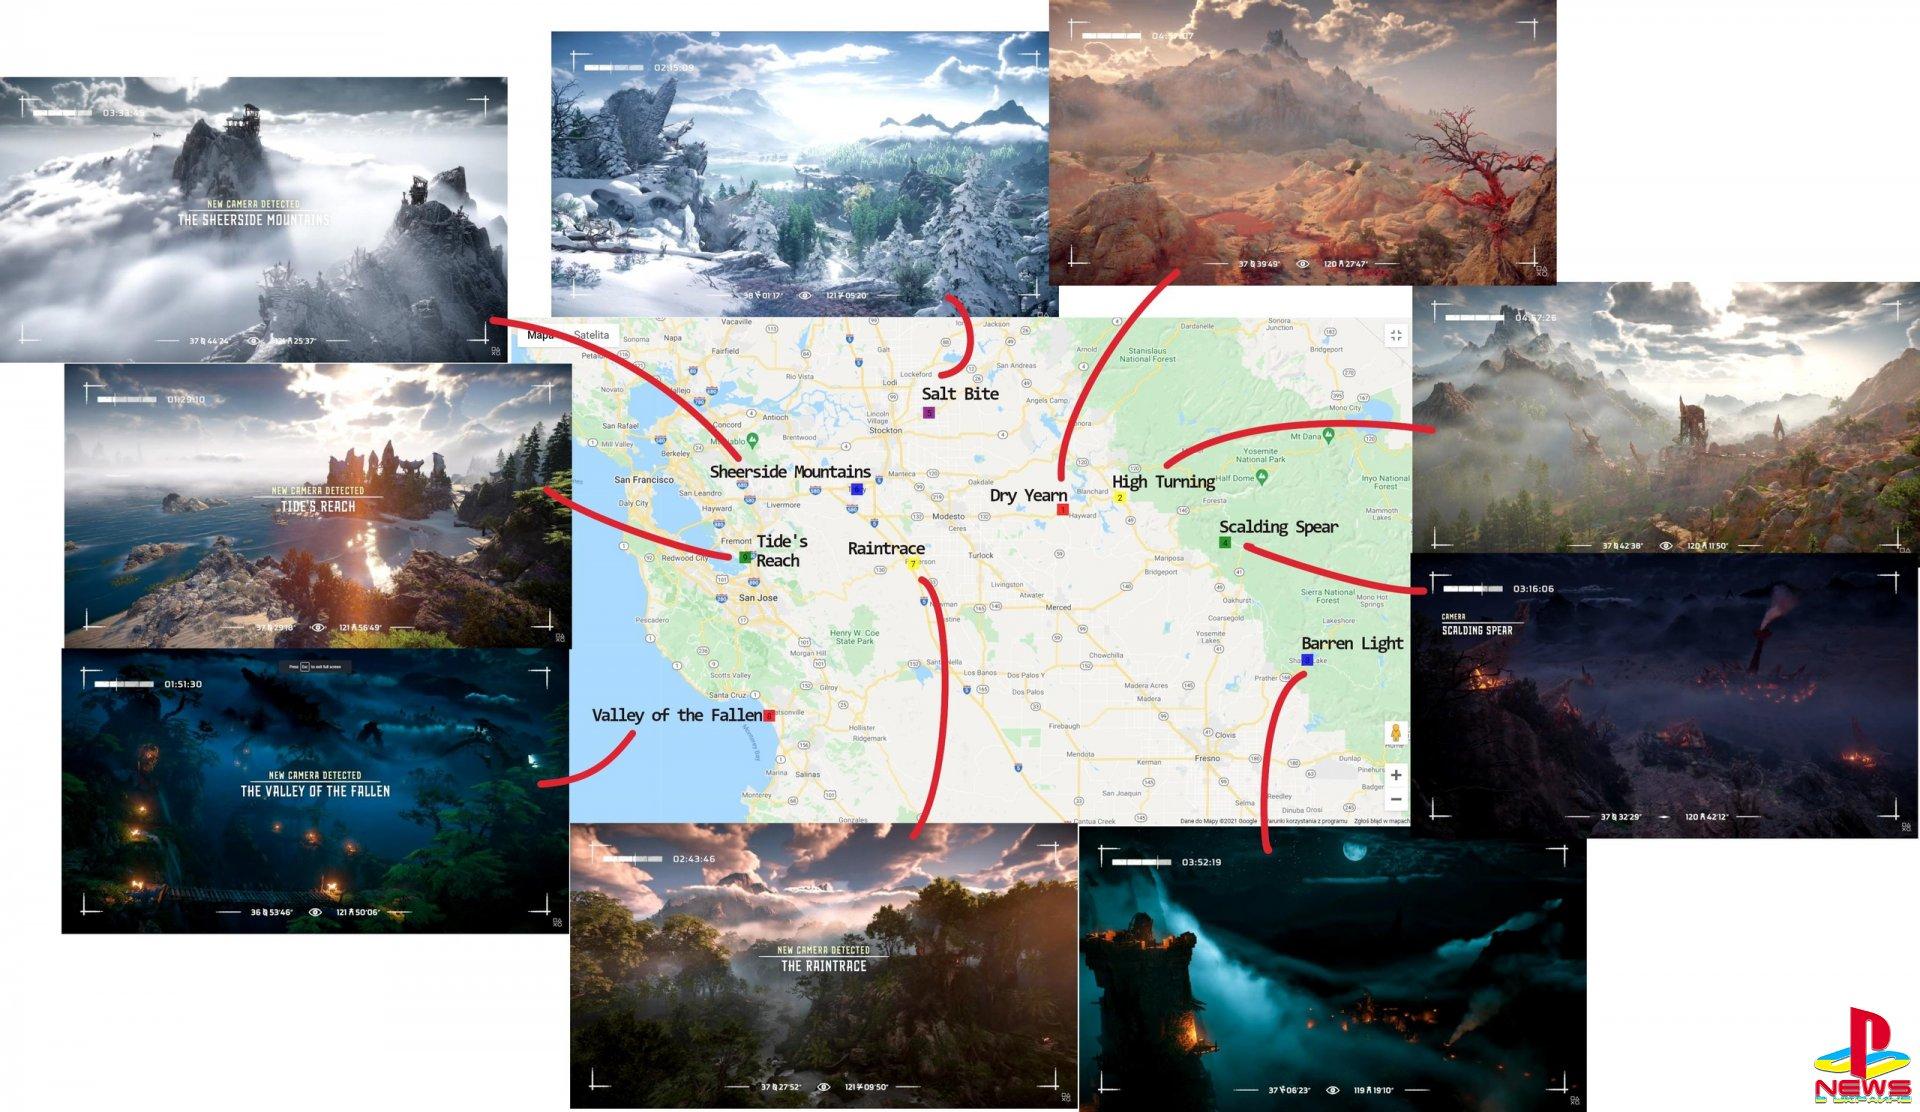 Локации из Horizon: Forbidden West для PlayStation 5 нашли на карте реальной Калифорнии